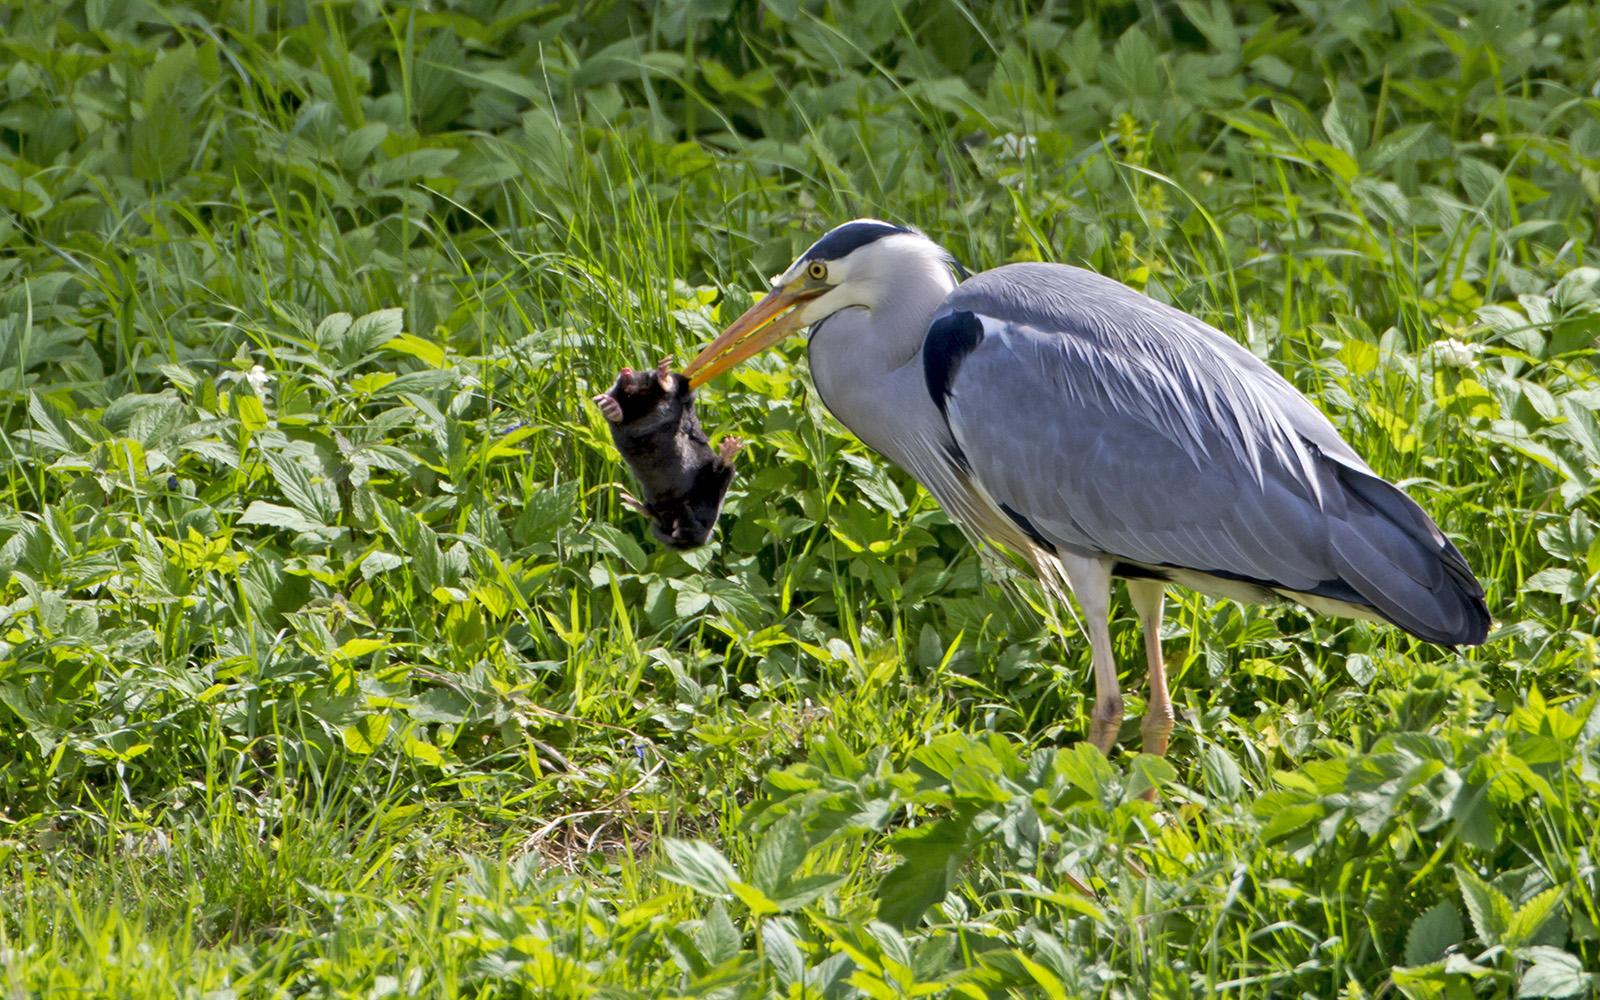 Heron vs mole